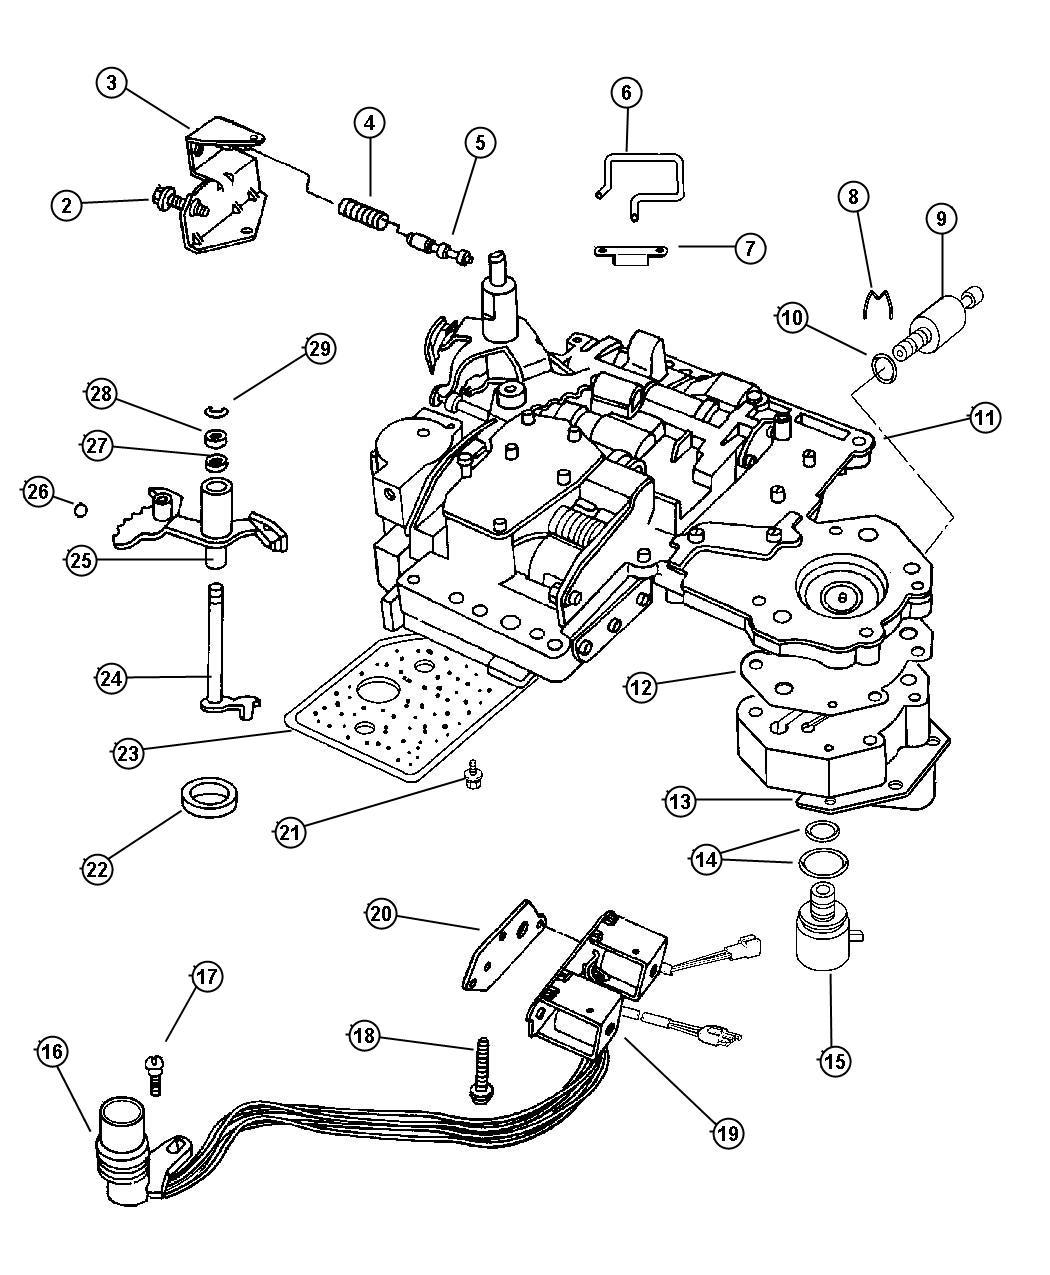 Dodge Ram 3500 Solenoid. Transmission overdrive